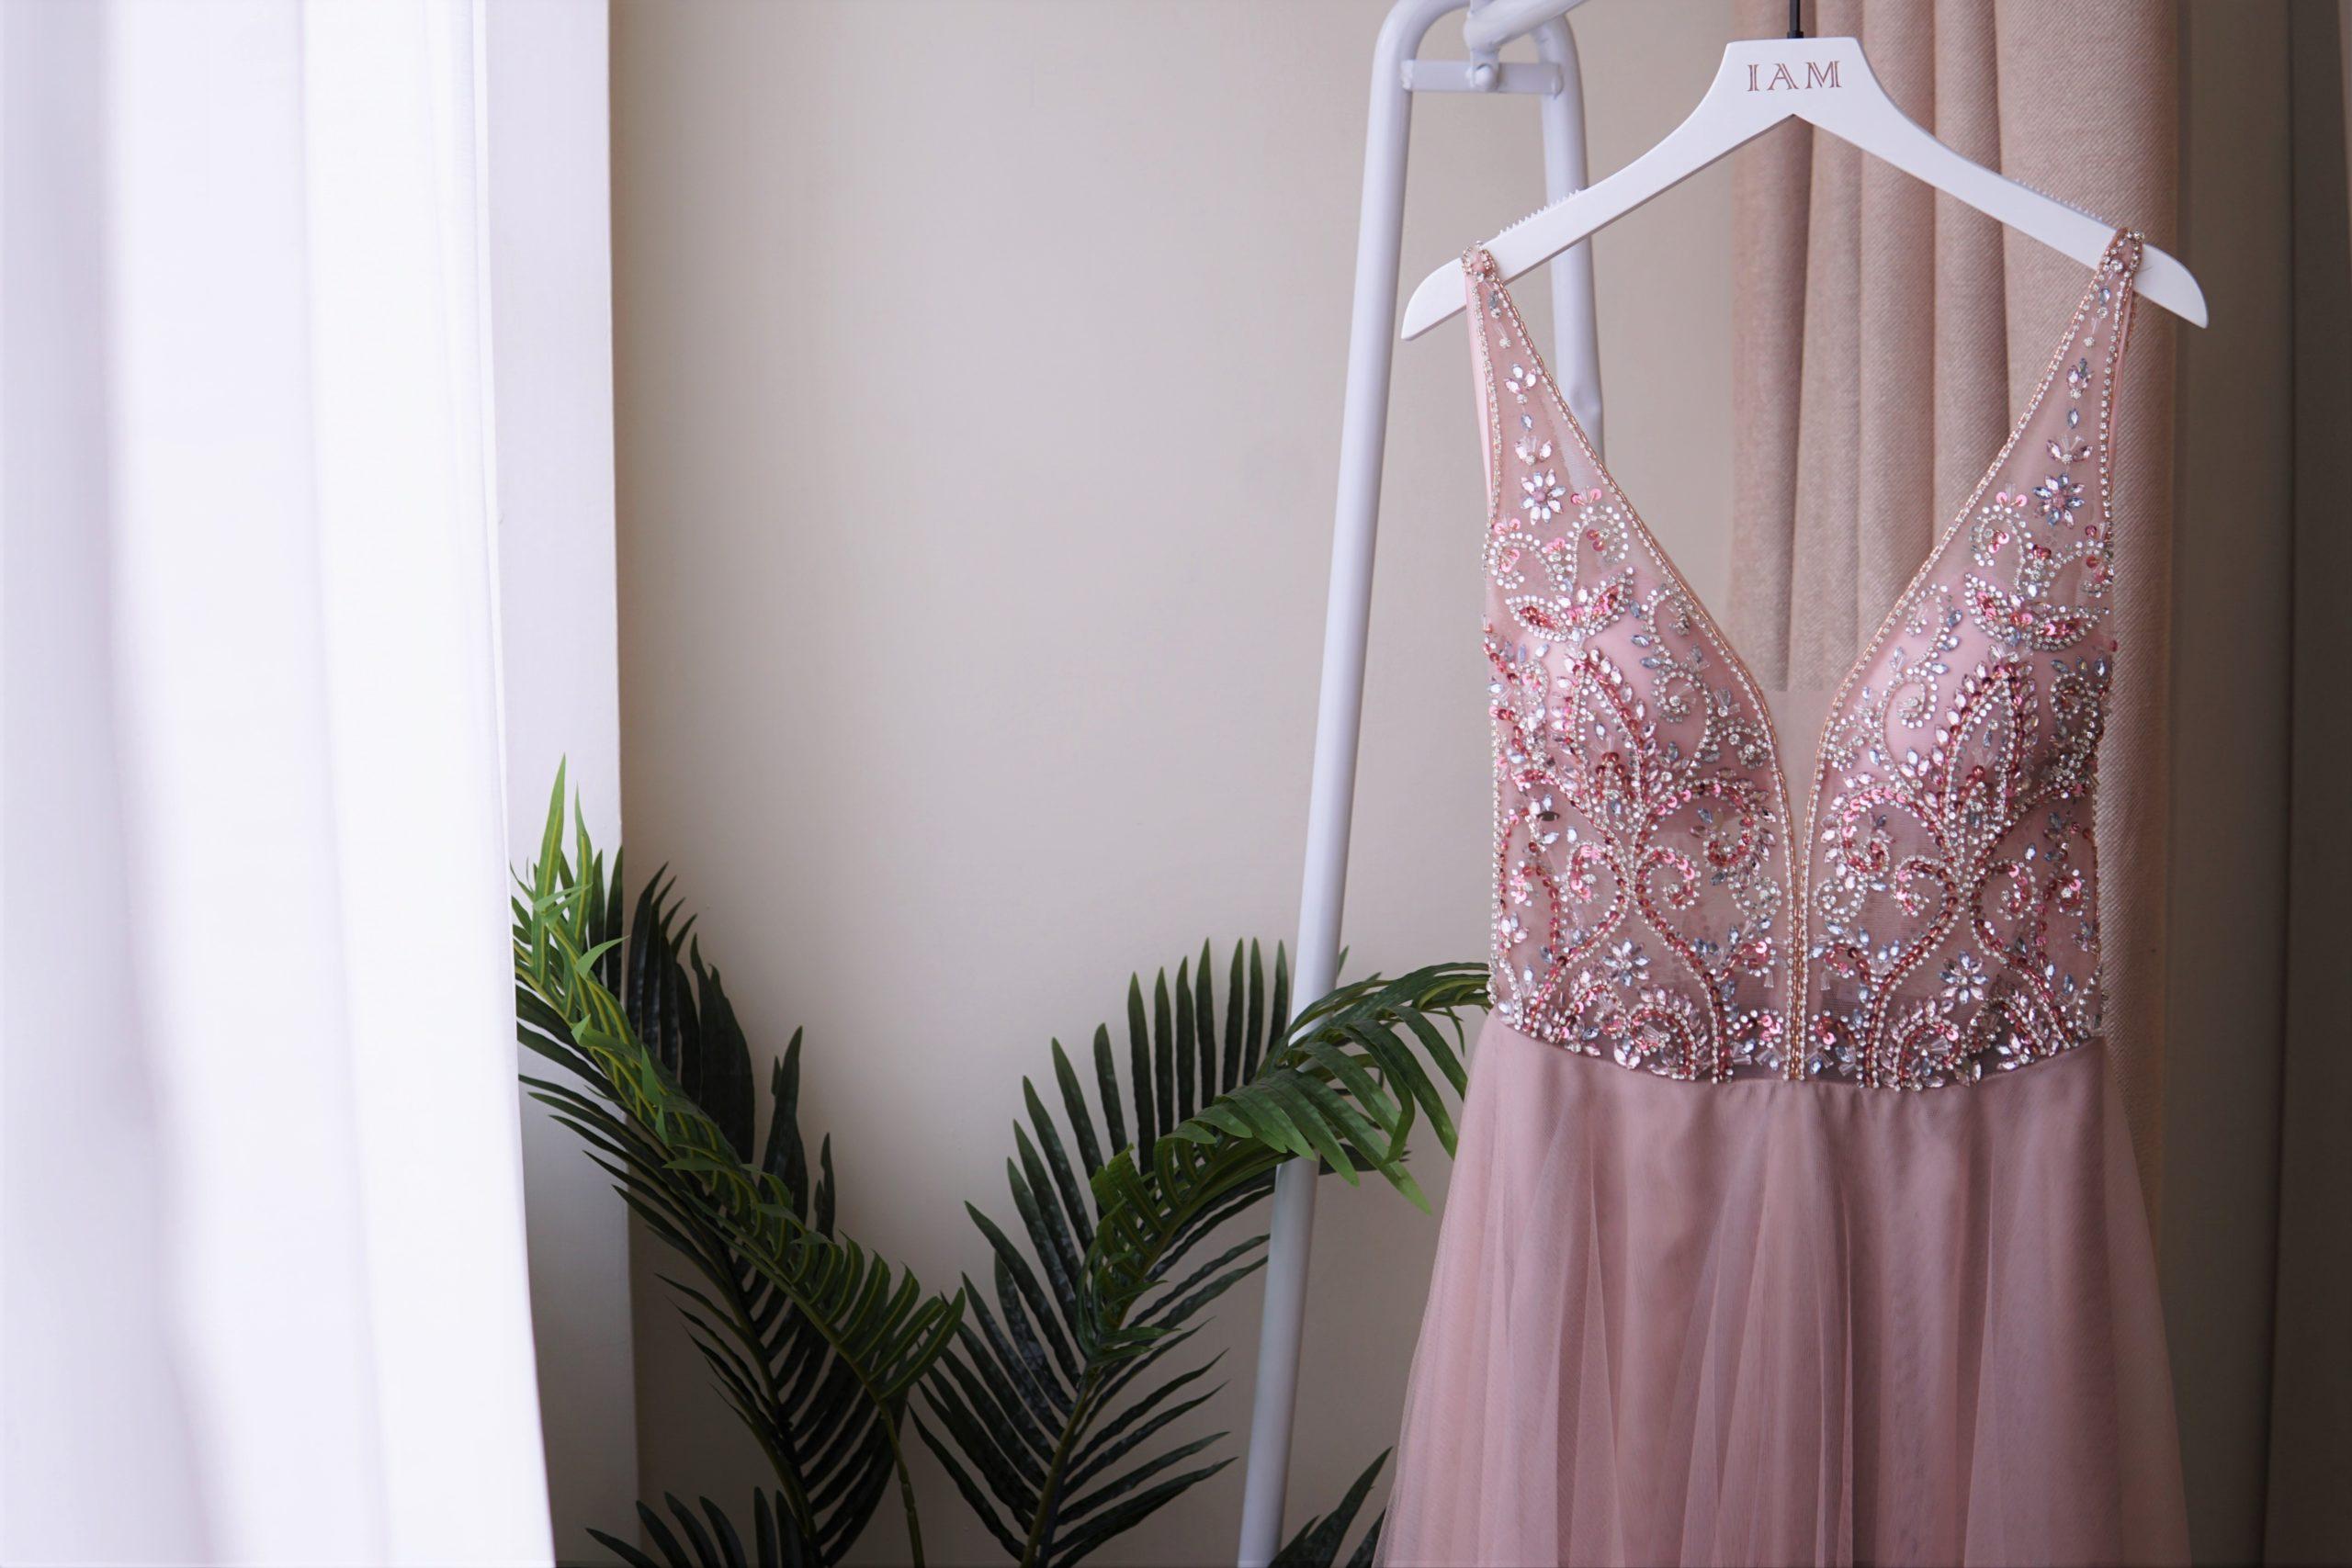 IAM Bridal 手工訂製婚紗 | DSC09208 scaled